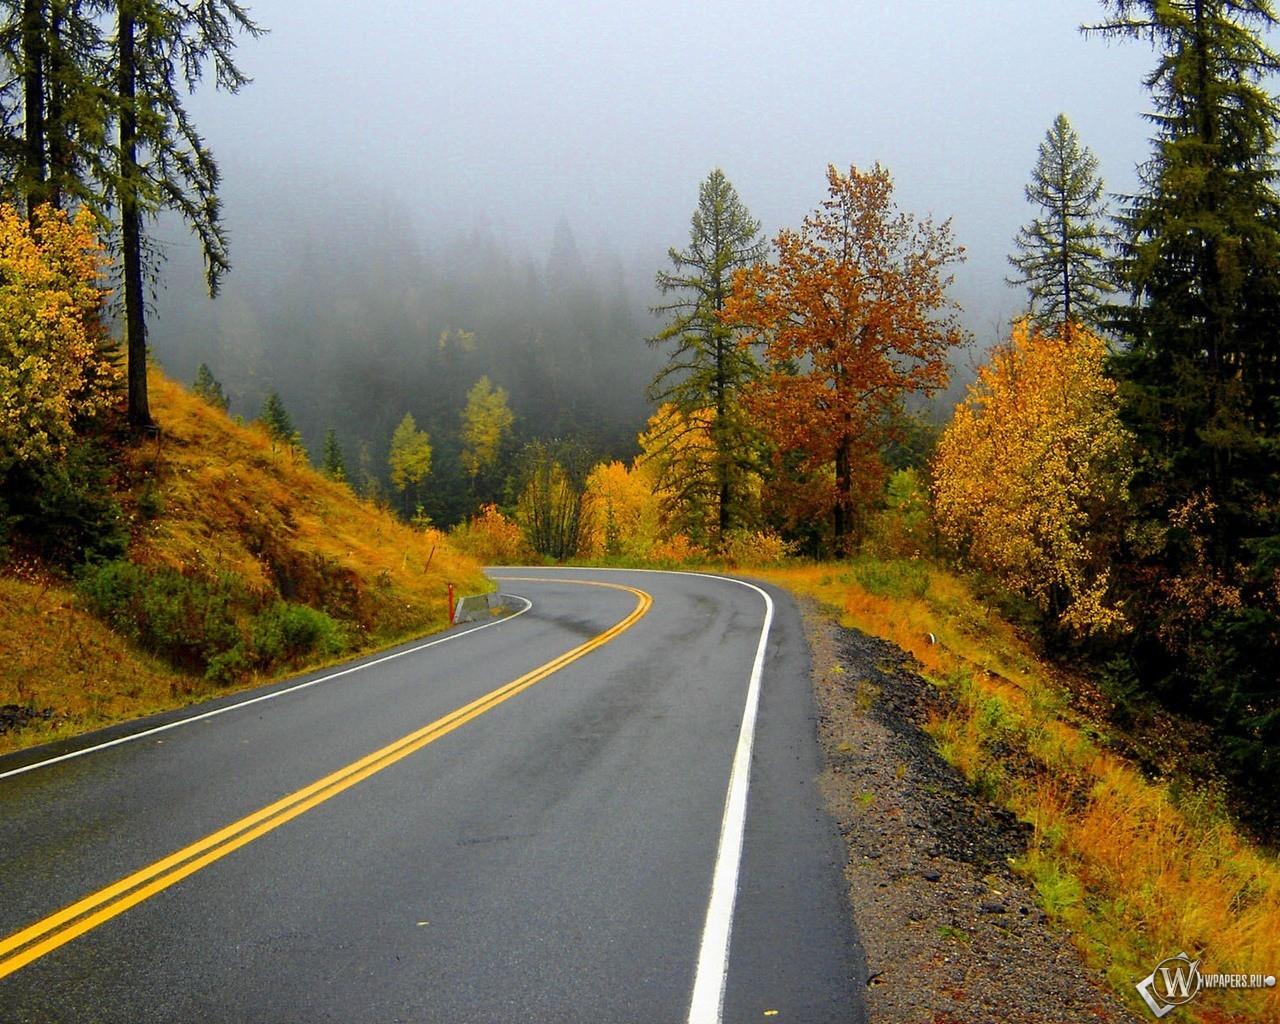 Трасса вдоль осеннего леса 1280x1024